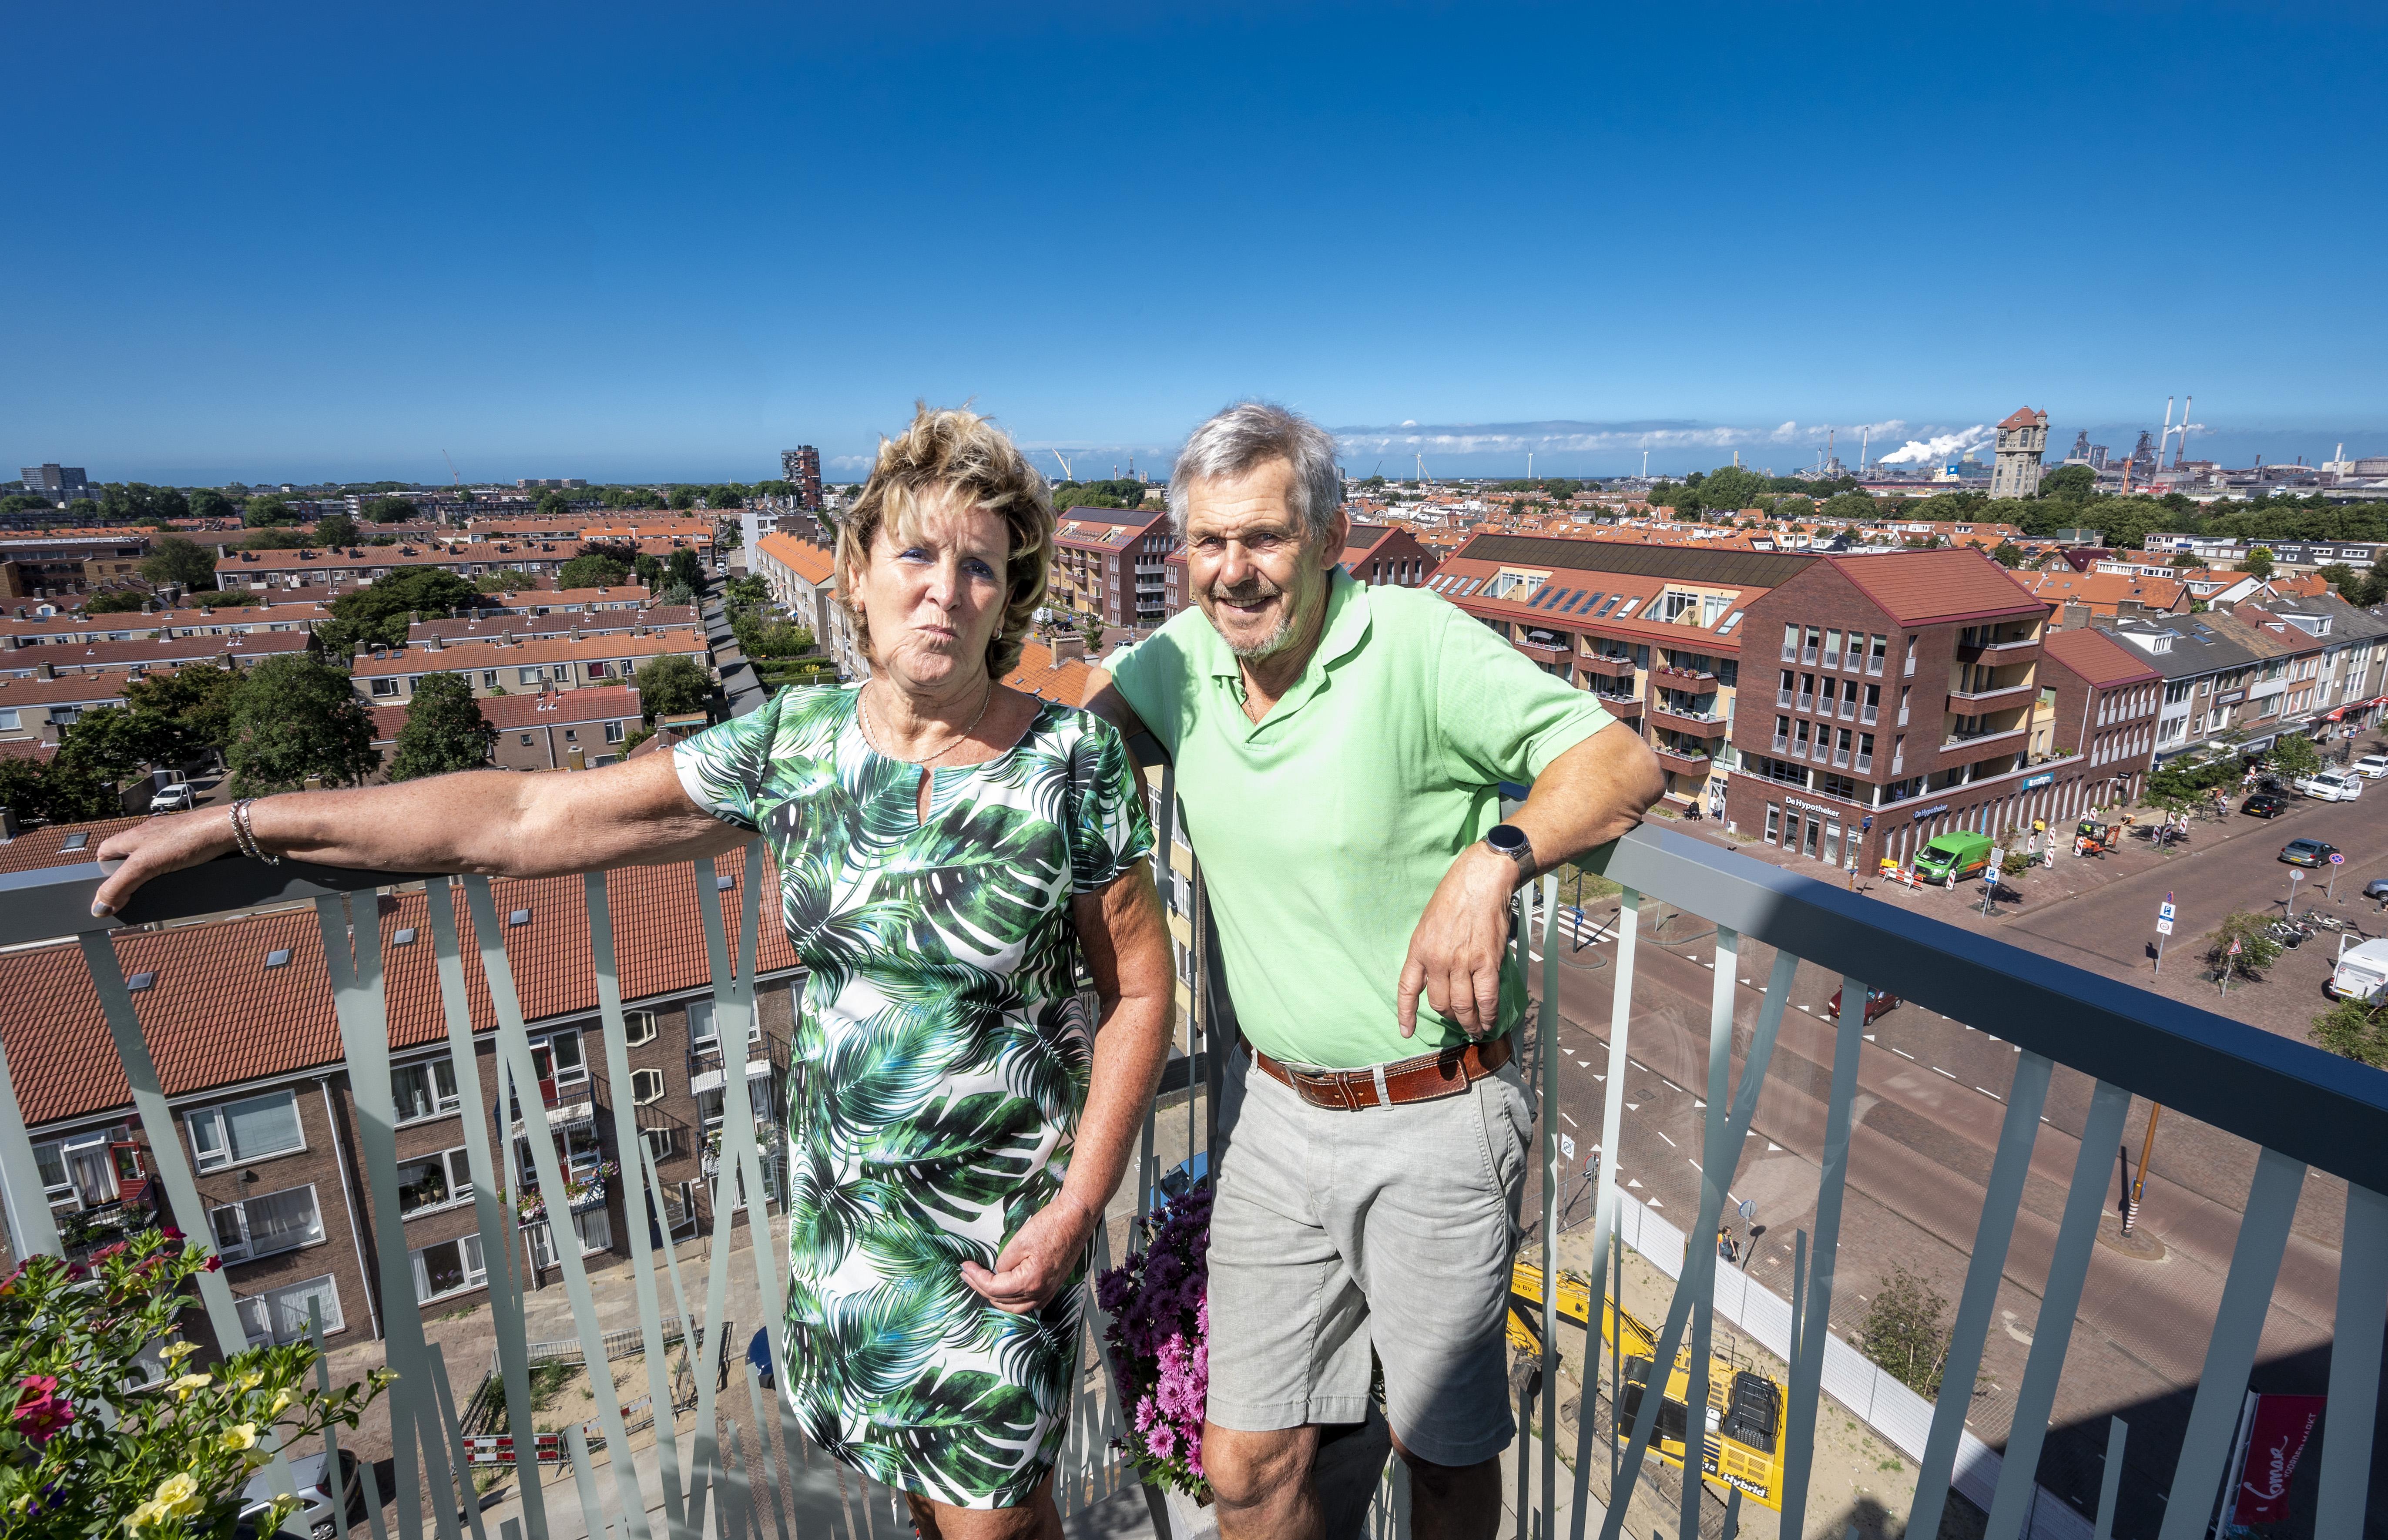 De 'Nieuwe parel van IJmuiden' als het te duur is om in Haarlem een woning te kopen: 'Deze woning is ideaal voor ons: goedkoper, centraal gelegen en het is ruim'